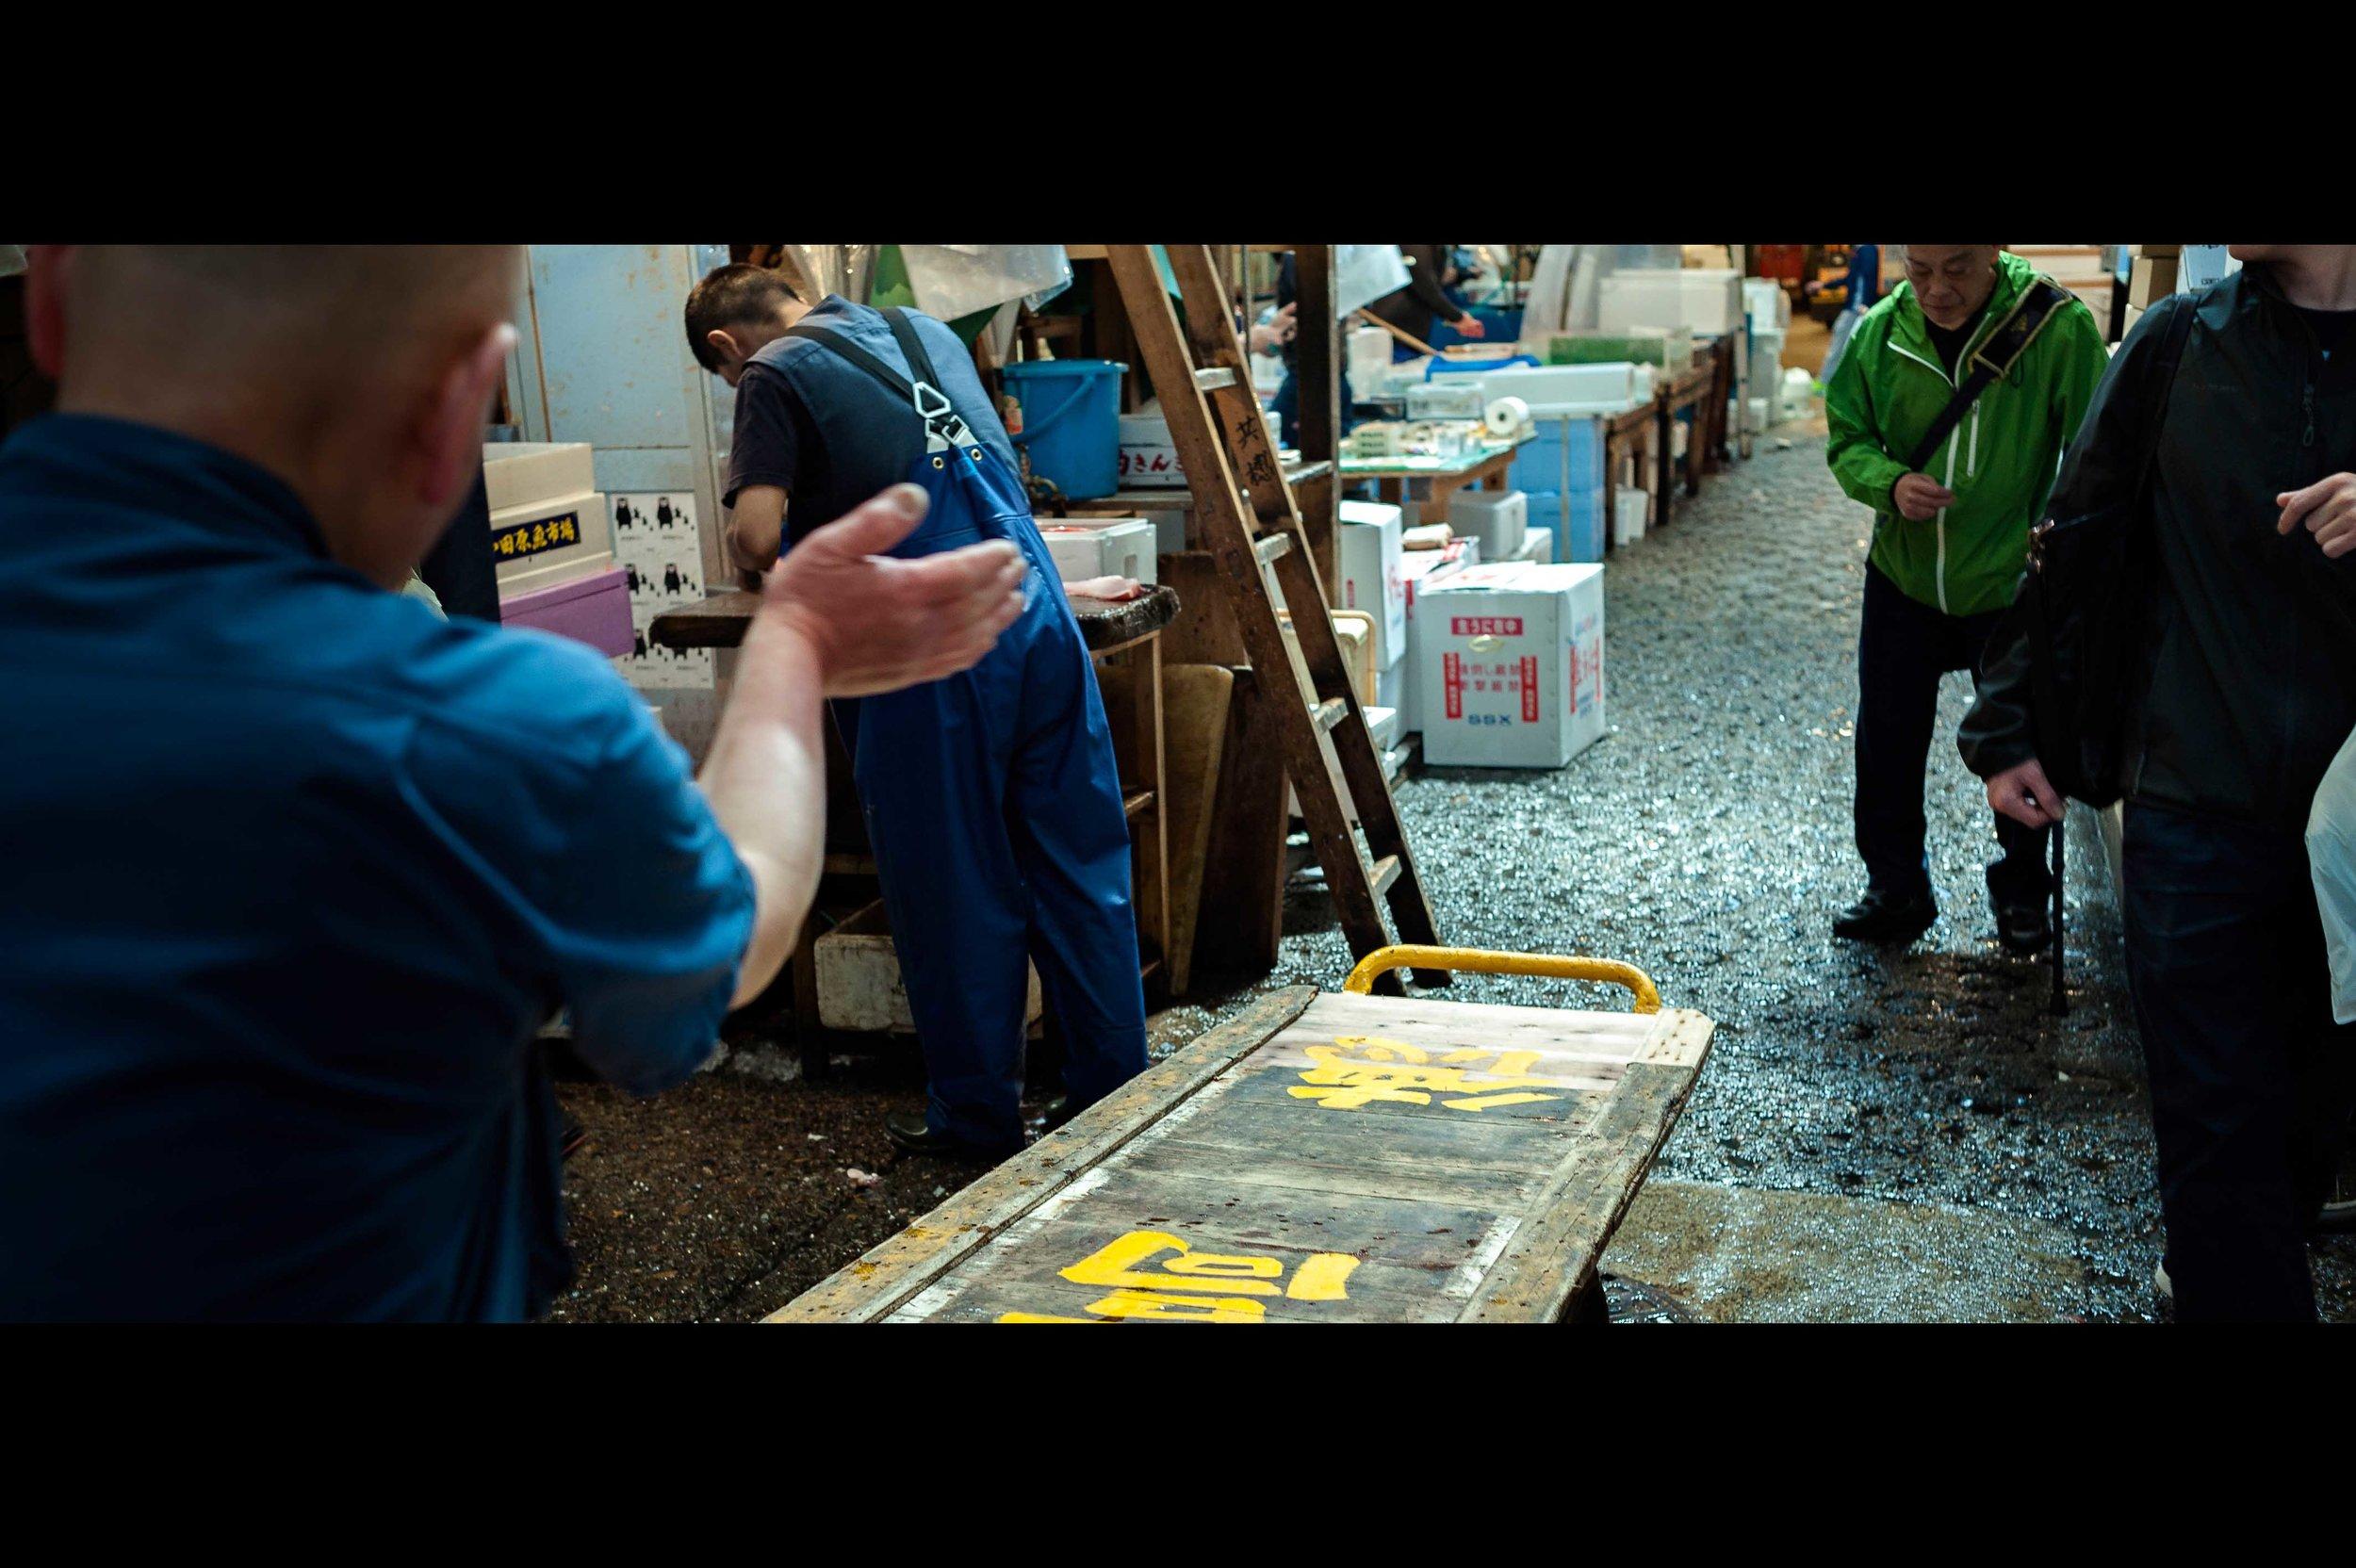 vendor-moving-tourists.jpg